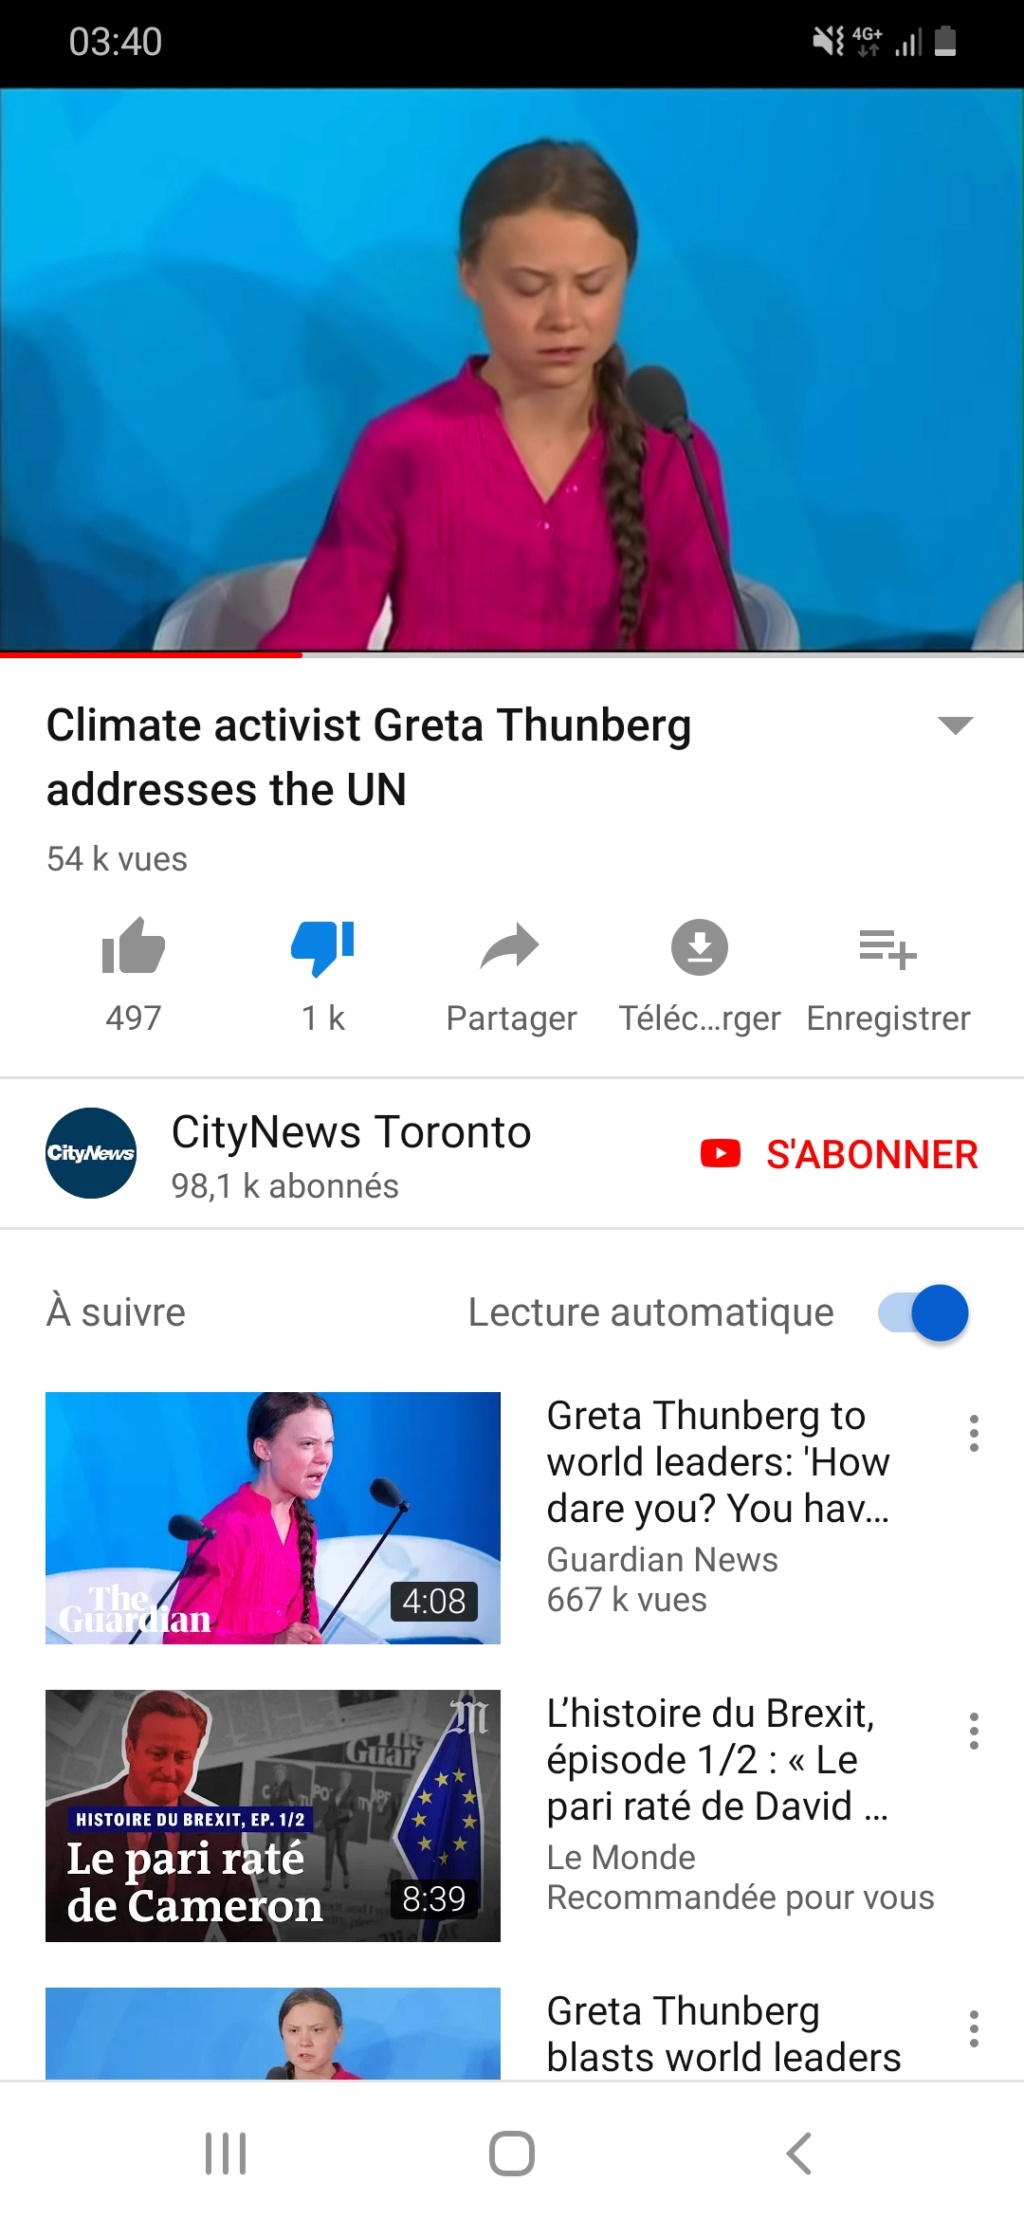 Les extremistes du changement climatique - Page 4 Screen25